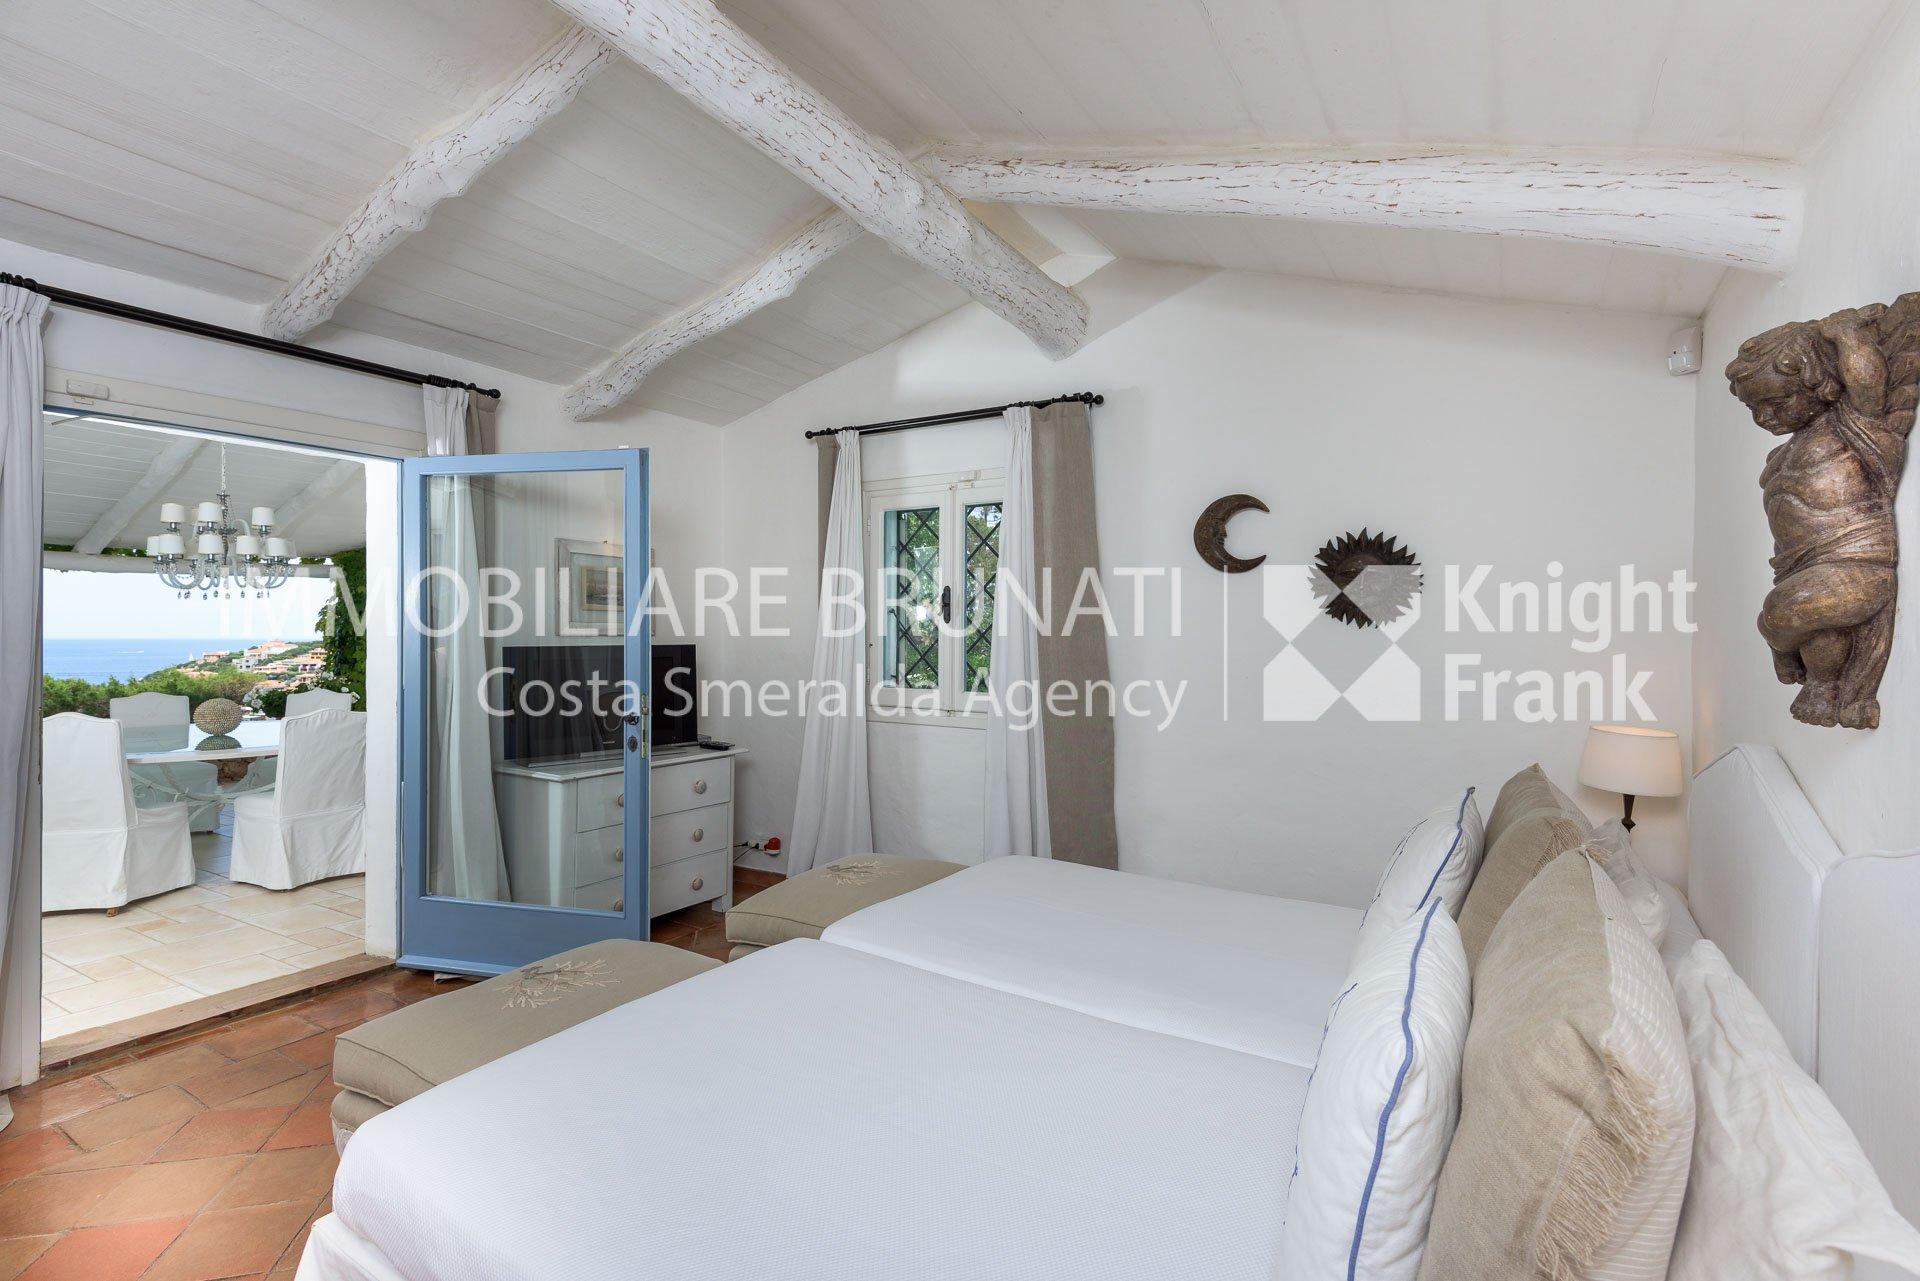 Immobiliare brunati villa in porto cervo centro for Arredi costa smeralda